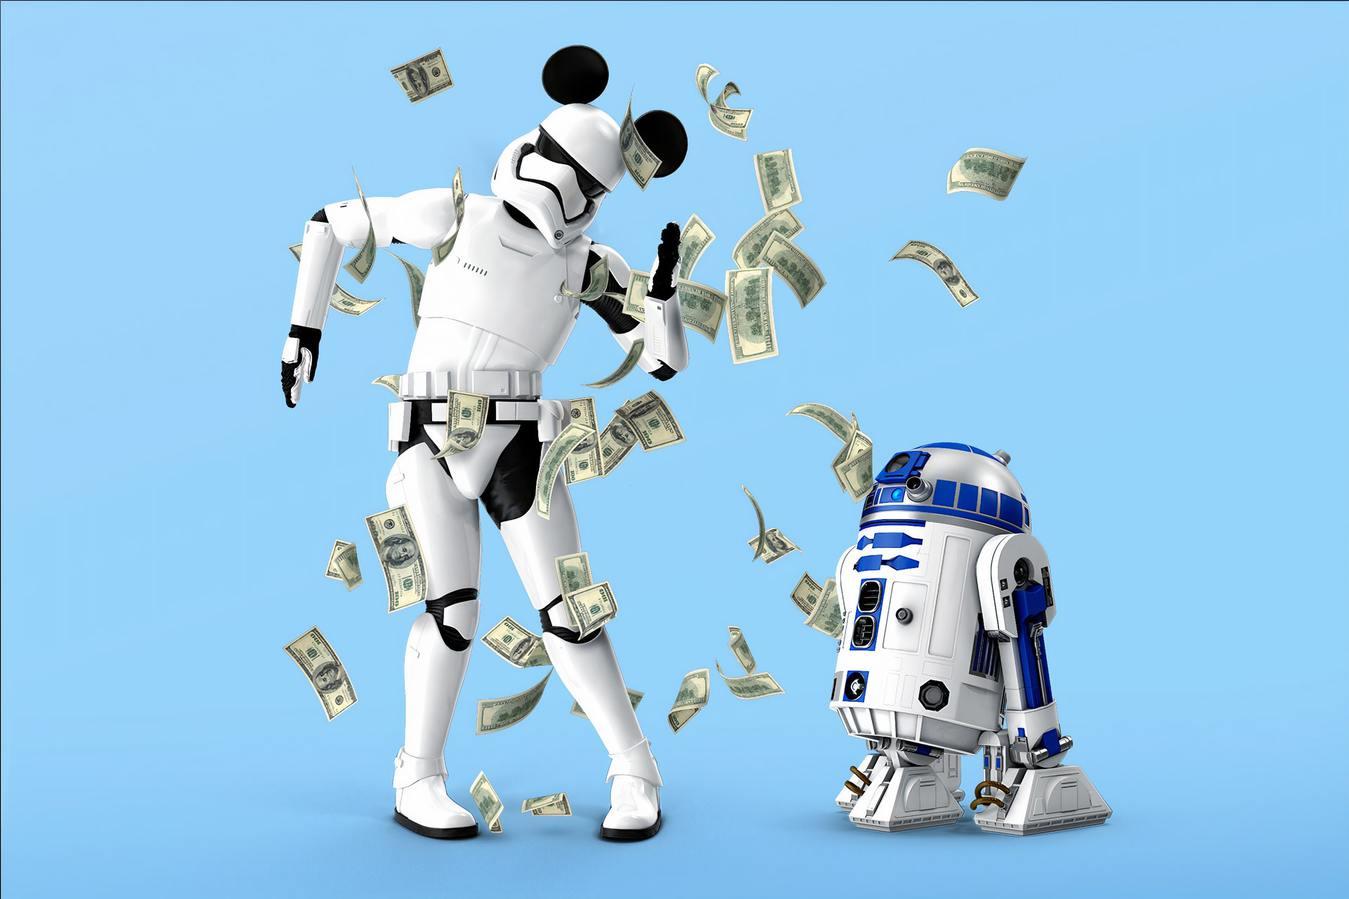 Robot menari dan uang berjatuhan